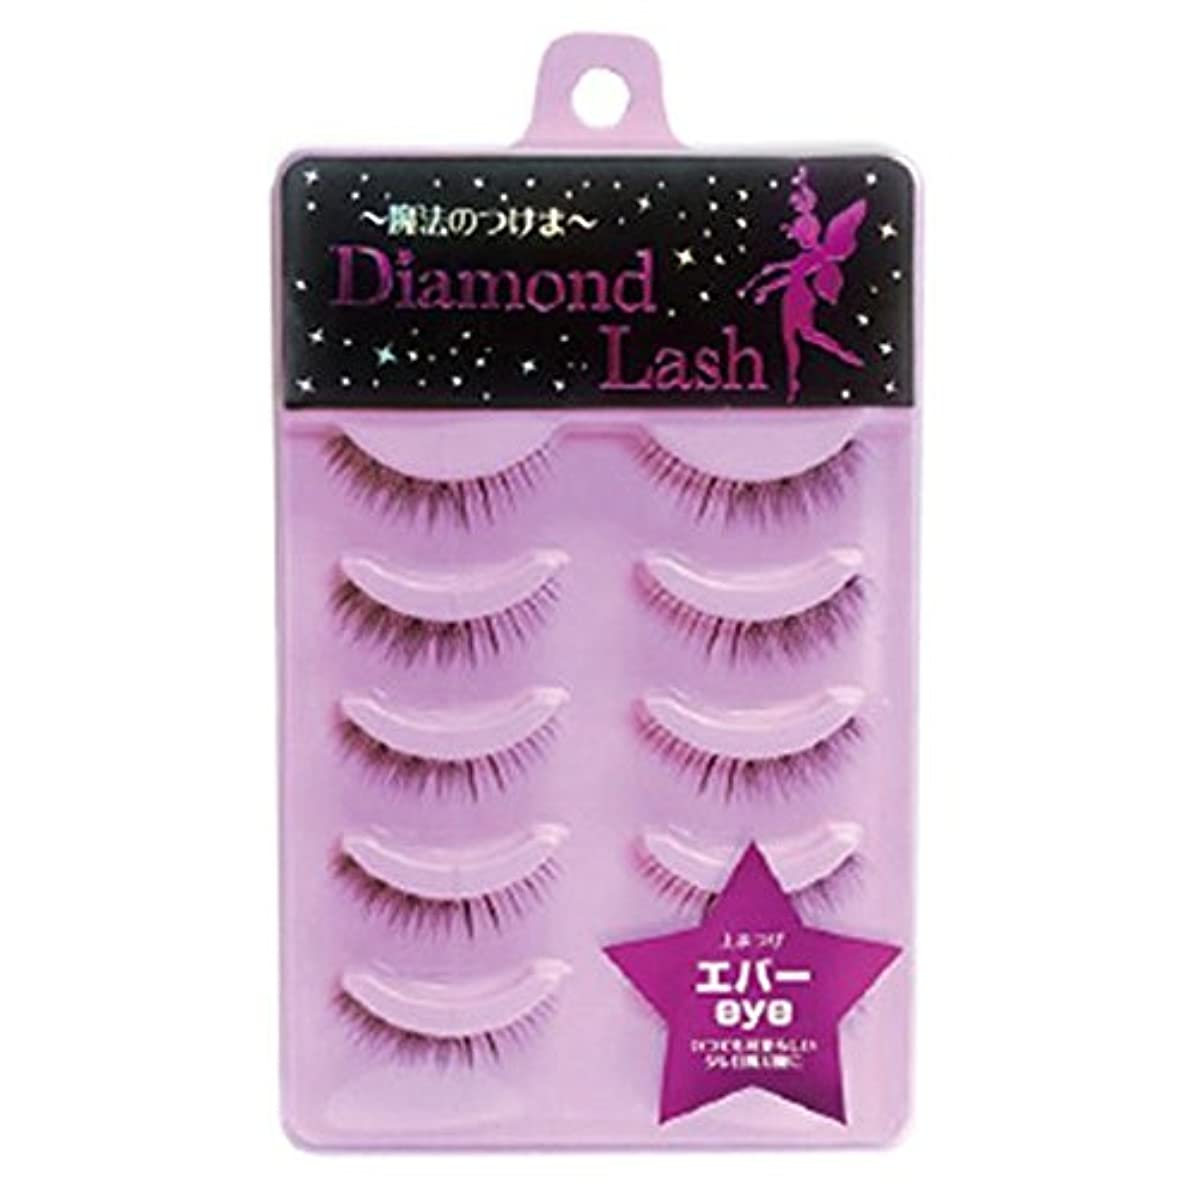 ダイヤモンドラッシュ Diamond Lash つけまつげ ドラマティカルメモリーシリーズ エバーeye(上まつげ) DL46181